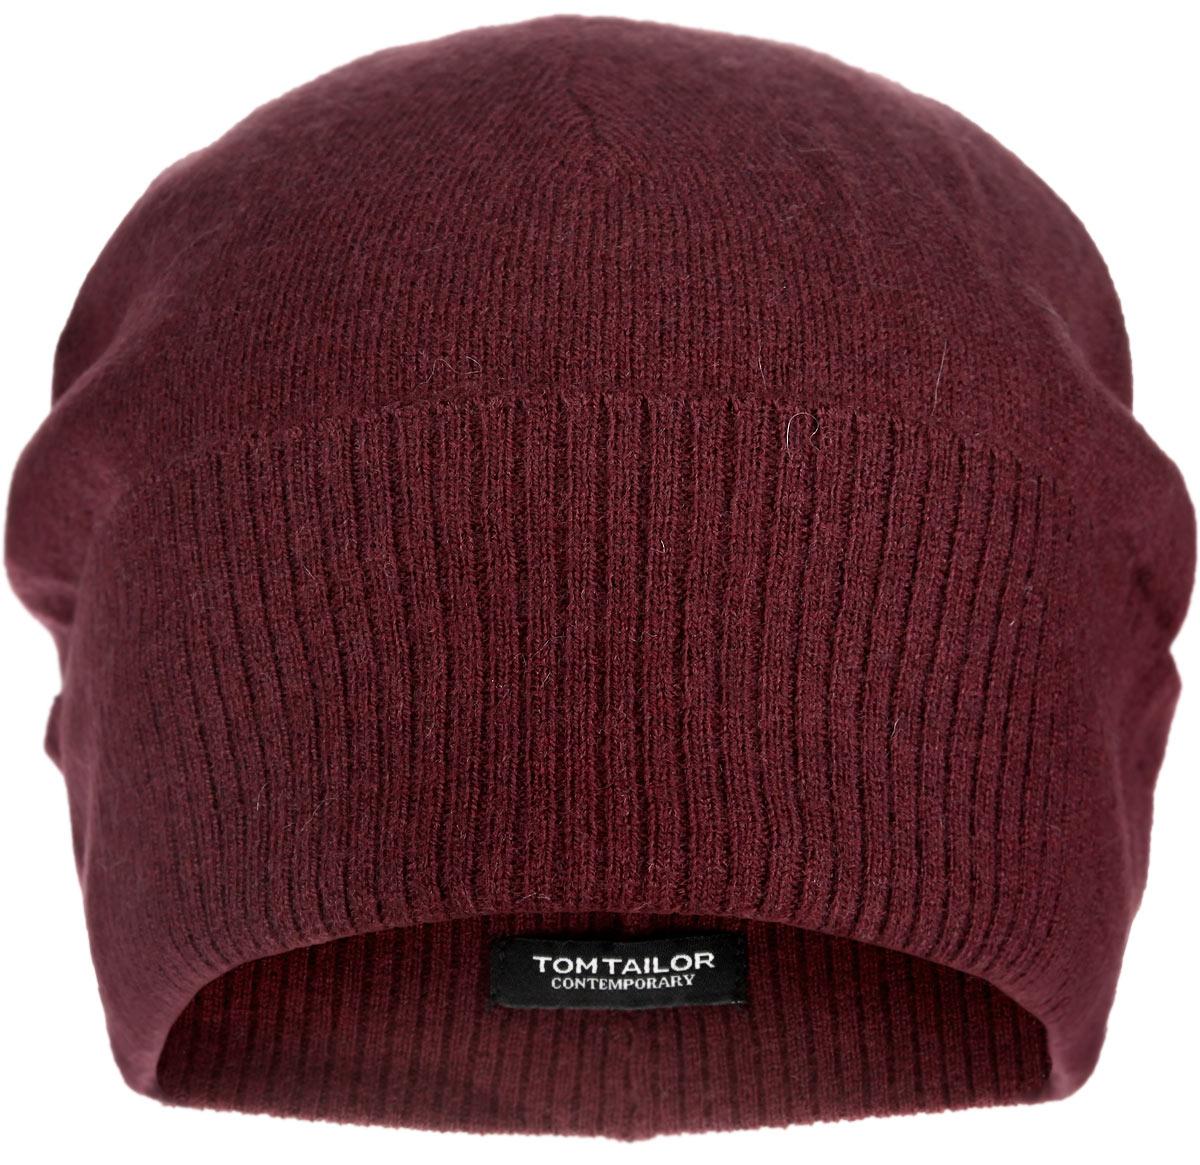 Шапка мужская. 0219863.00.150219863.00.15_2999Вязаная мужская шапка Tom Tailor дополнит ваш наряд и не позволит вам замерзнуть в прохладное время года. Шапка изготовлена из высококачественной комбинированной пряжи, что позволяет ей великолепно сохранять тепло и обеспечивает высокую эластичность, а также удобство посадки. Модель дополнена отворотом, связанным крупной резинкой. Такая шапка станет модным и стильным дополнением вашего гардероба. Она согреет вас и позволит подчеркнуть свою индивидуальность!